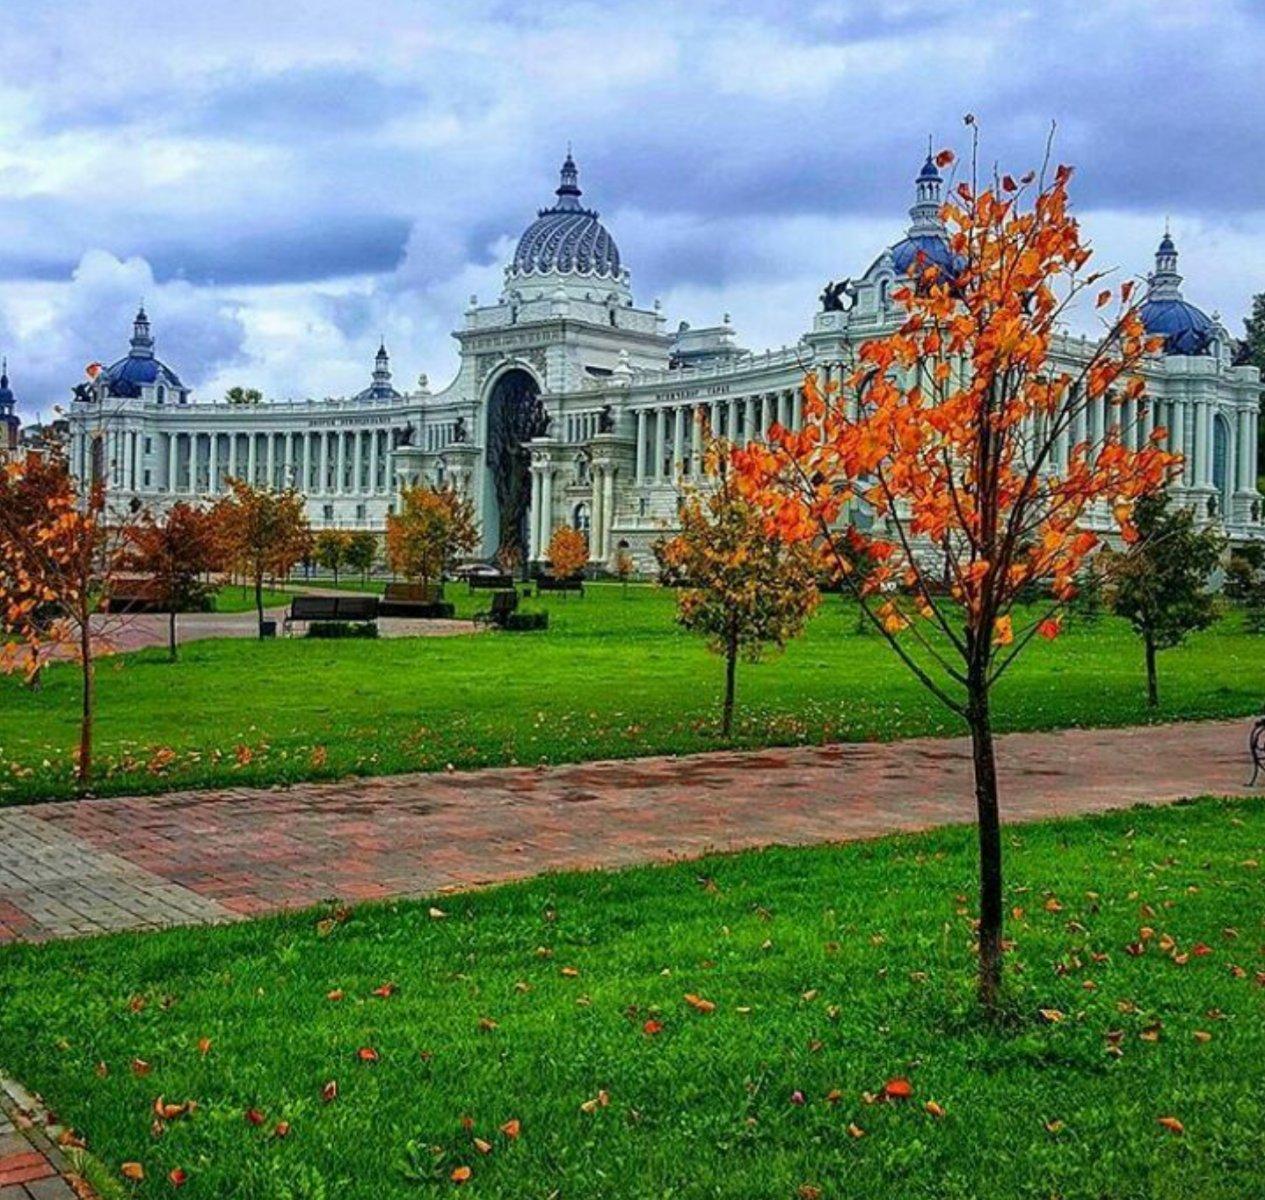 Холодно?! В Татарстане ожидается потепление до +19